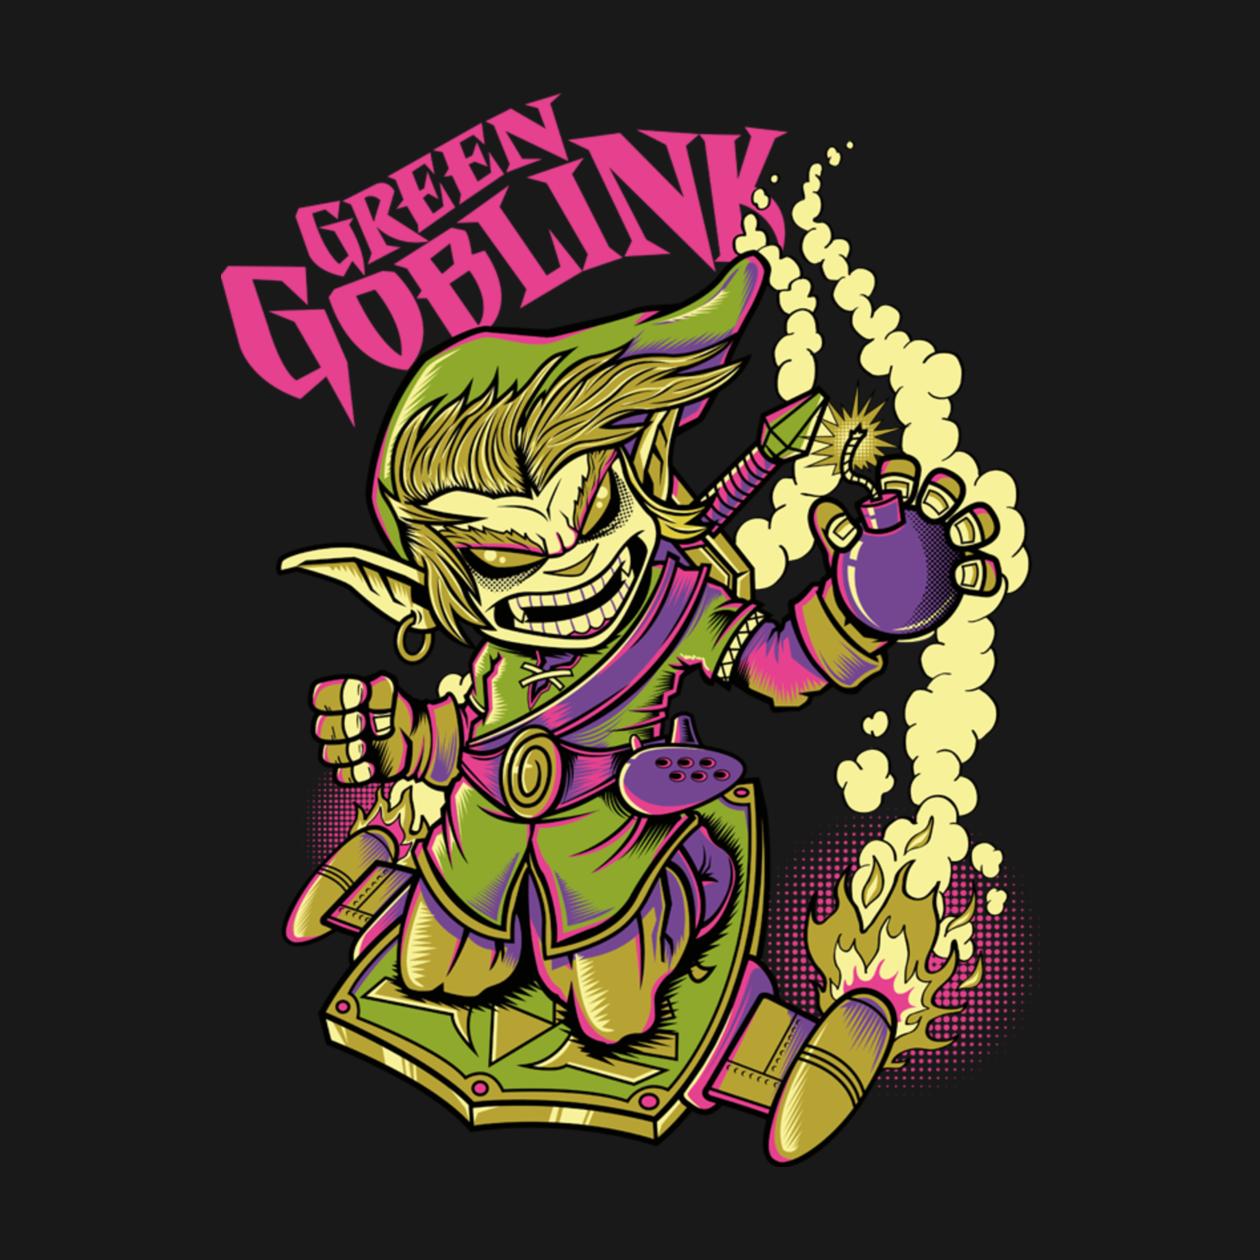 goblink2